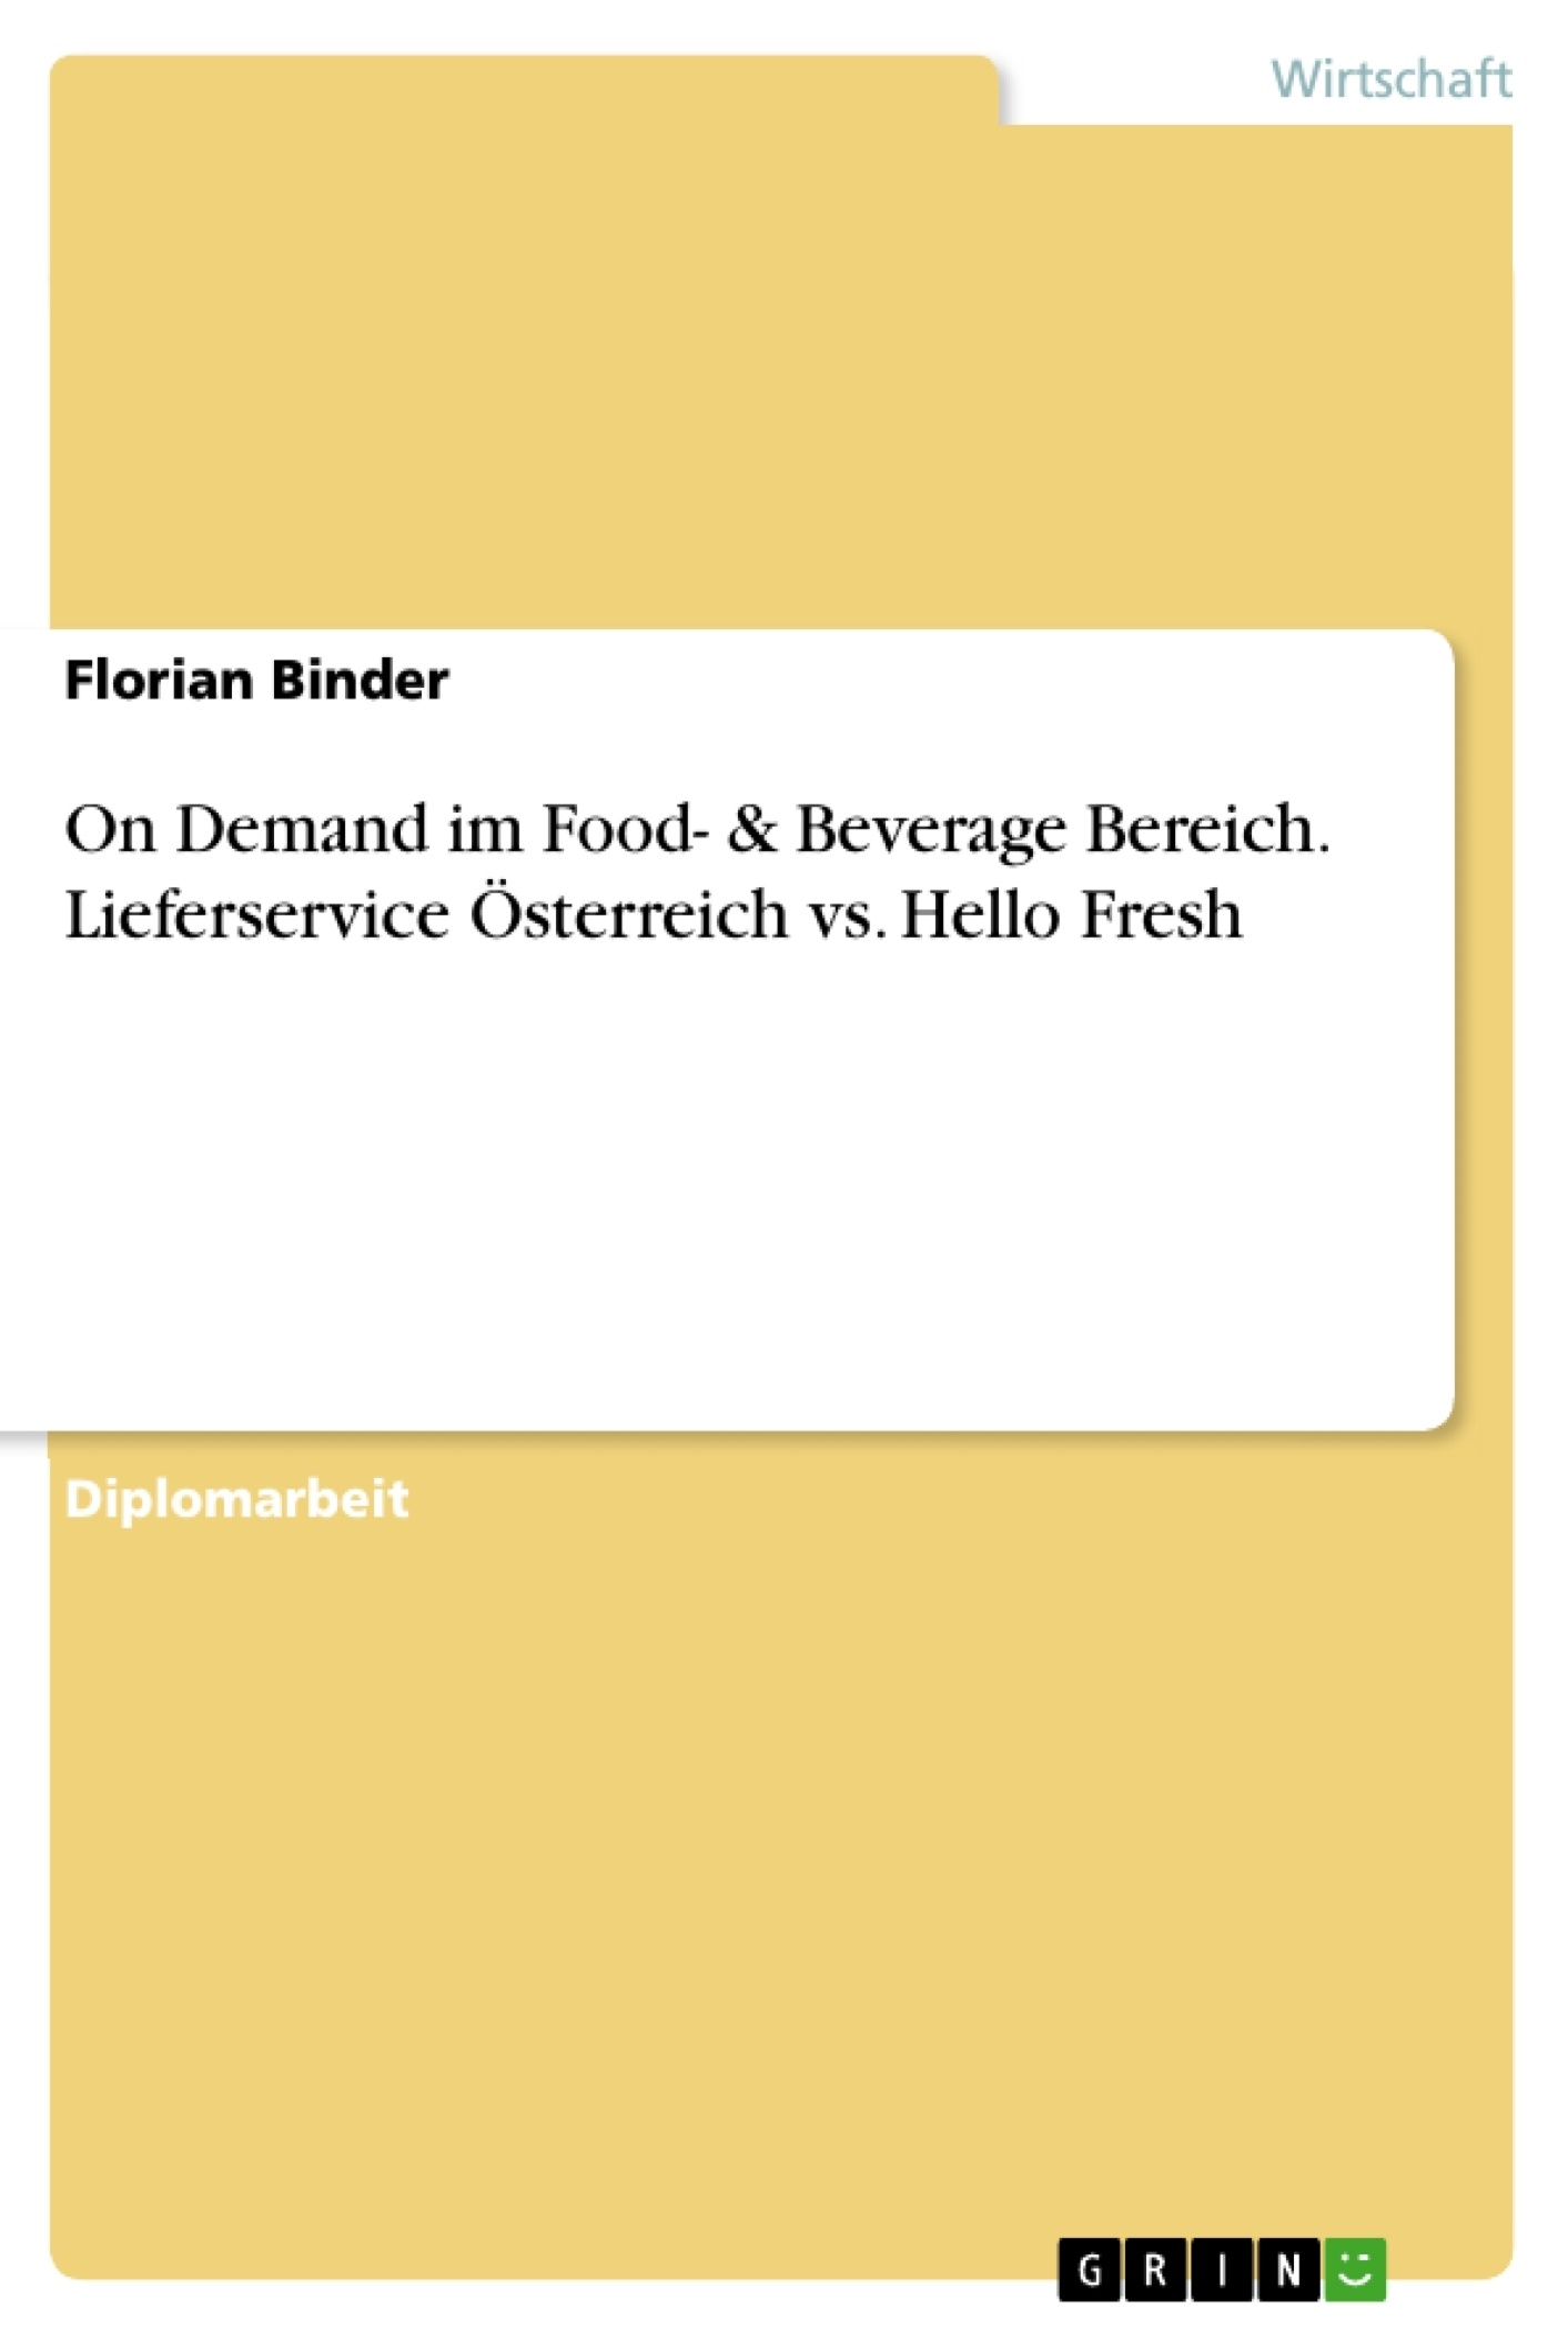 Titel: On Demand im Food- & Beverage Bereich. Lieferservice Österreich vs. Hello Fresh